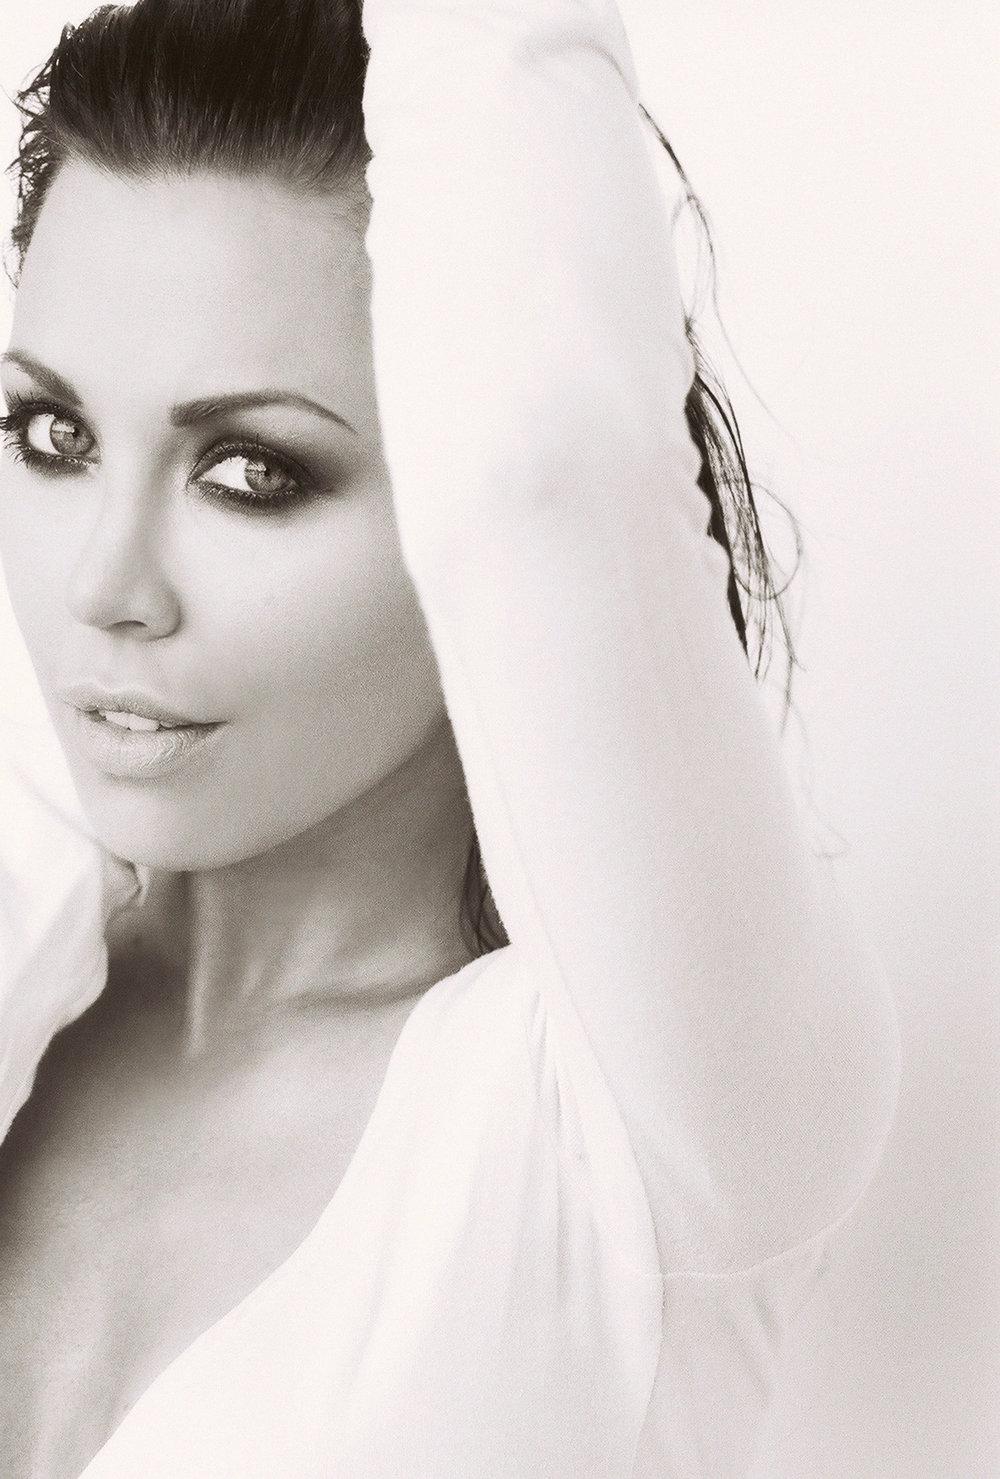 A. JaimeSlater Beauty Shot5.jpg